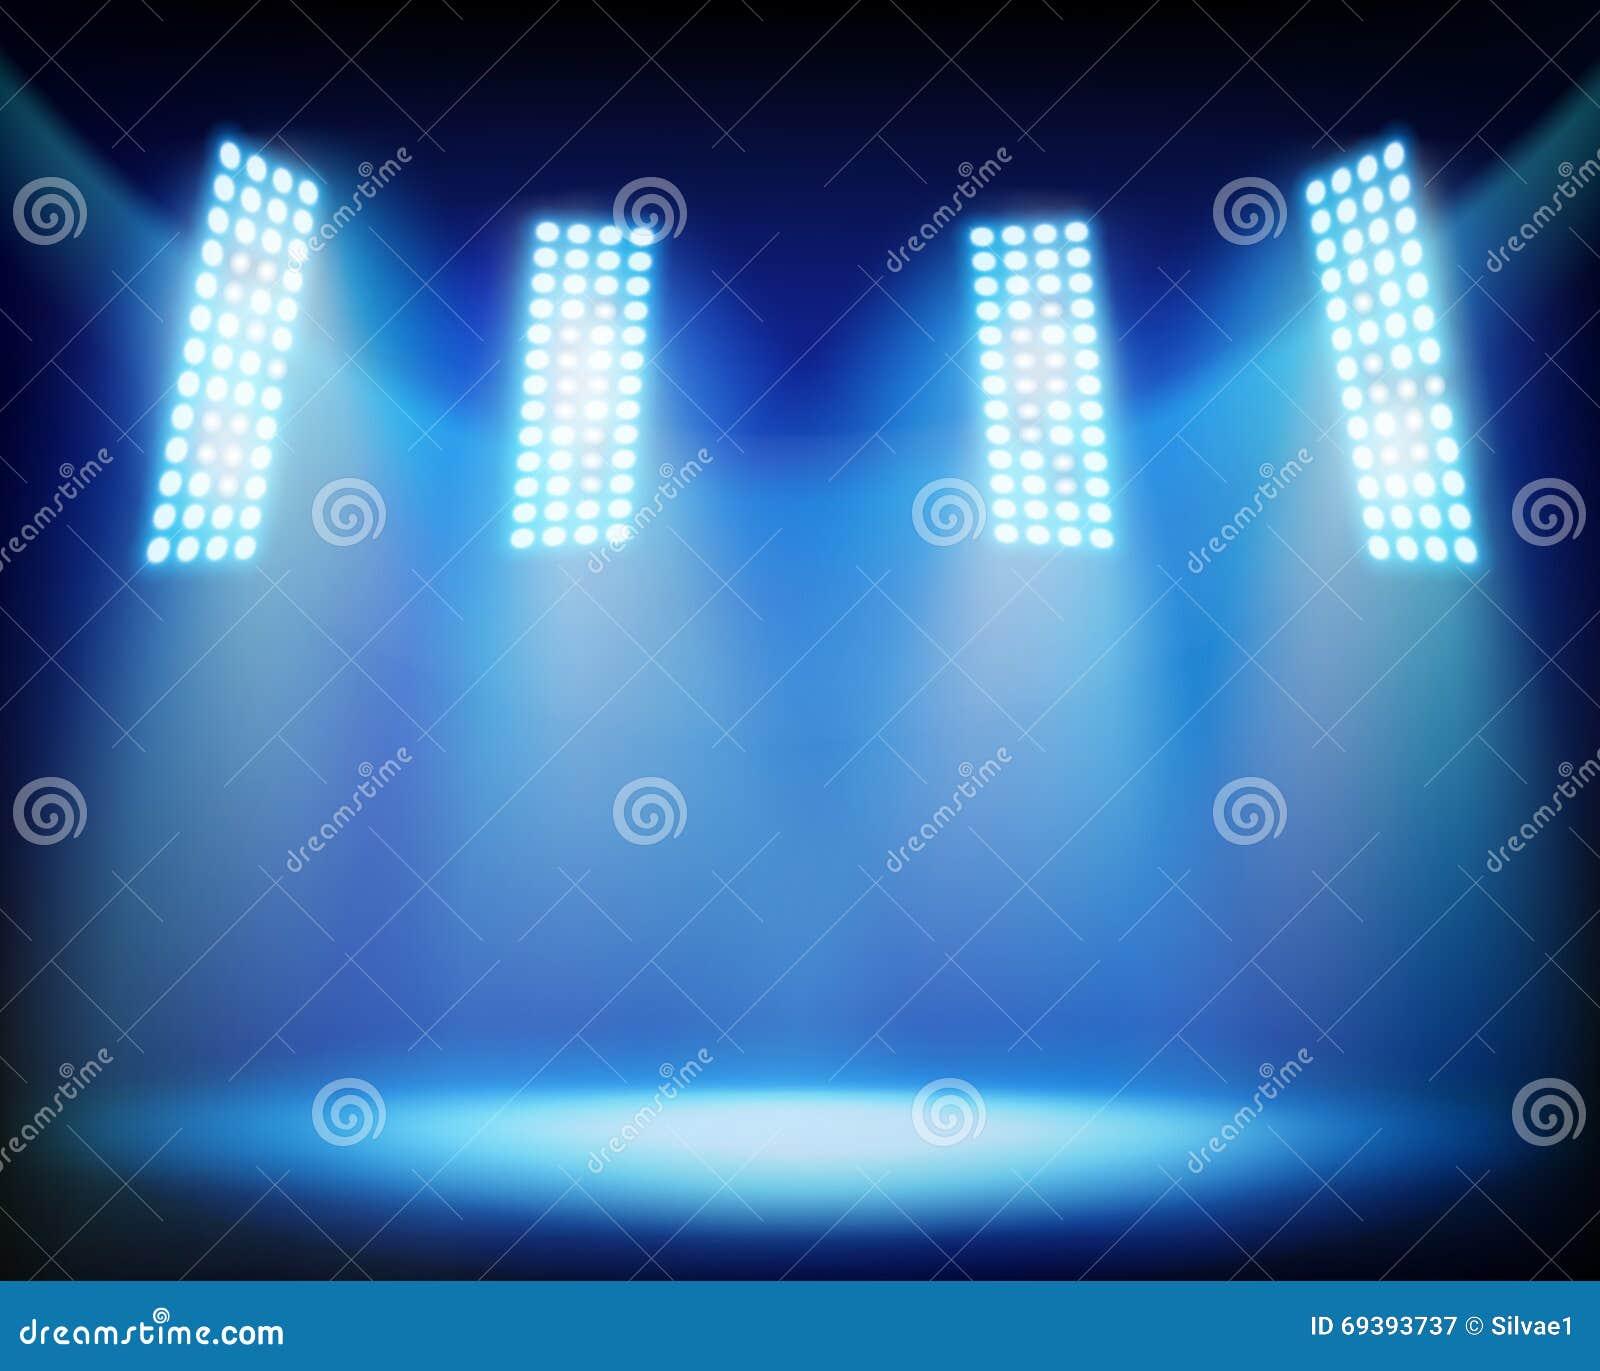 illuminated stadium  vector illustration  cartoon vector